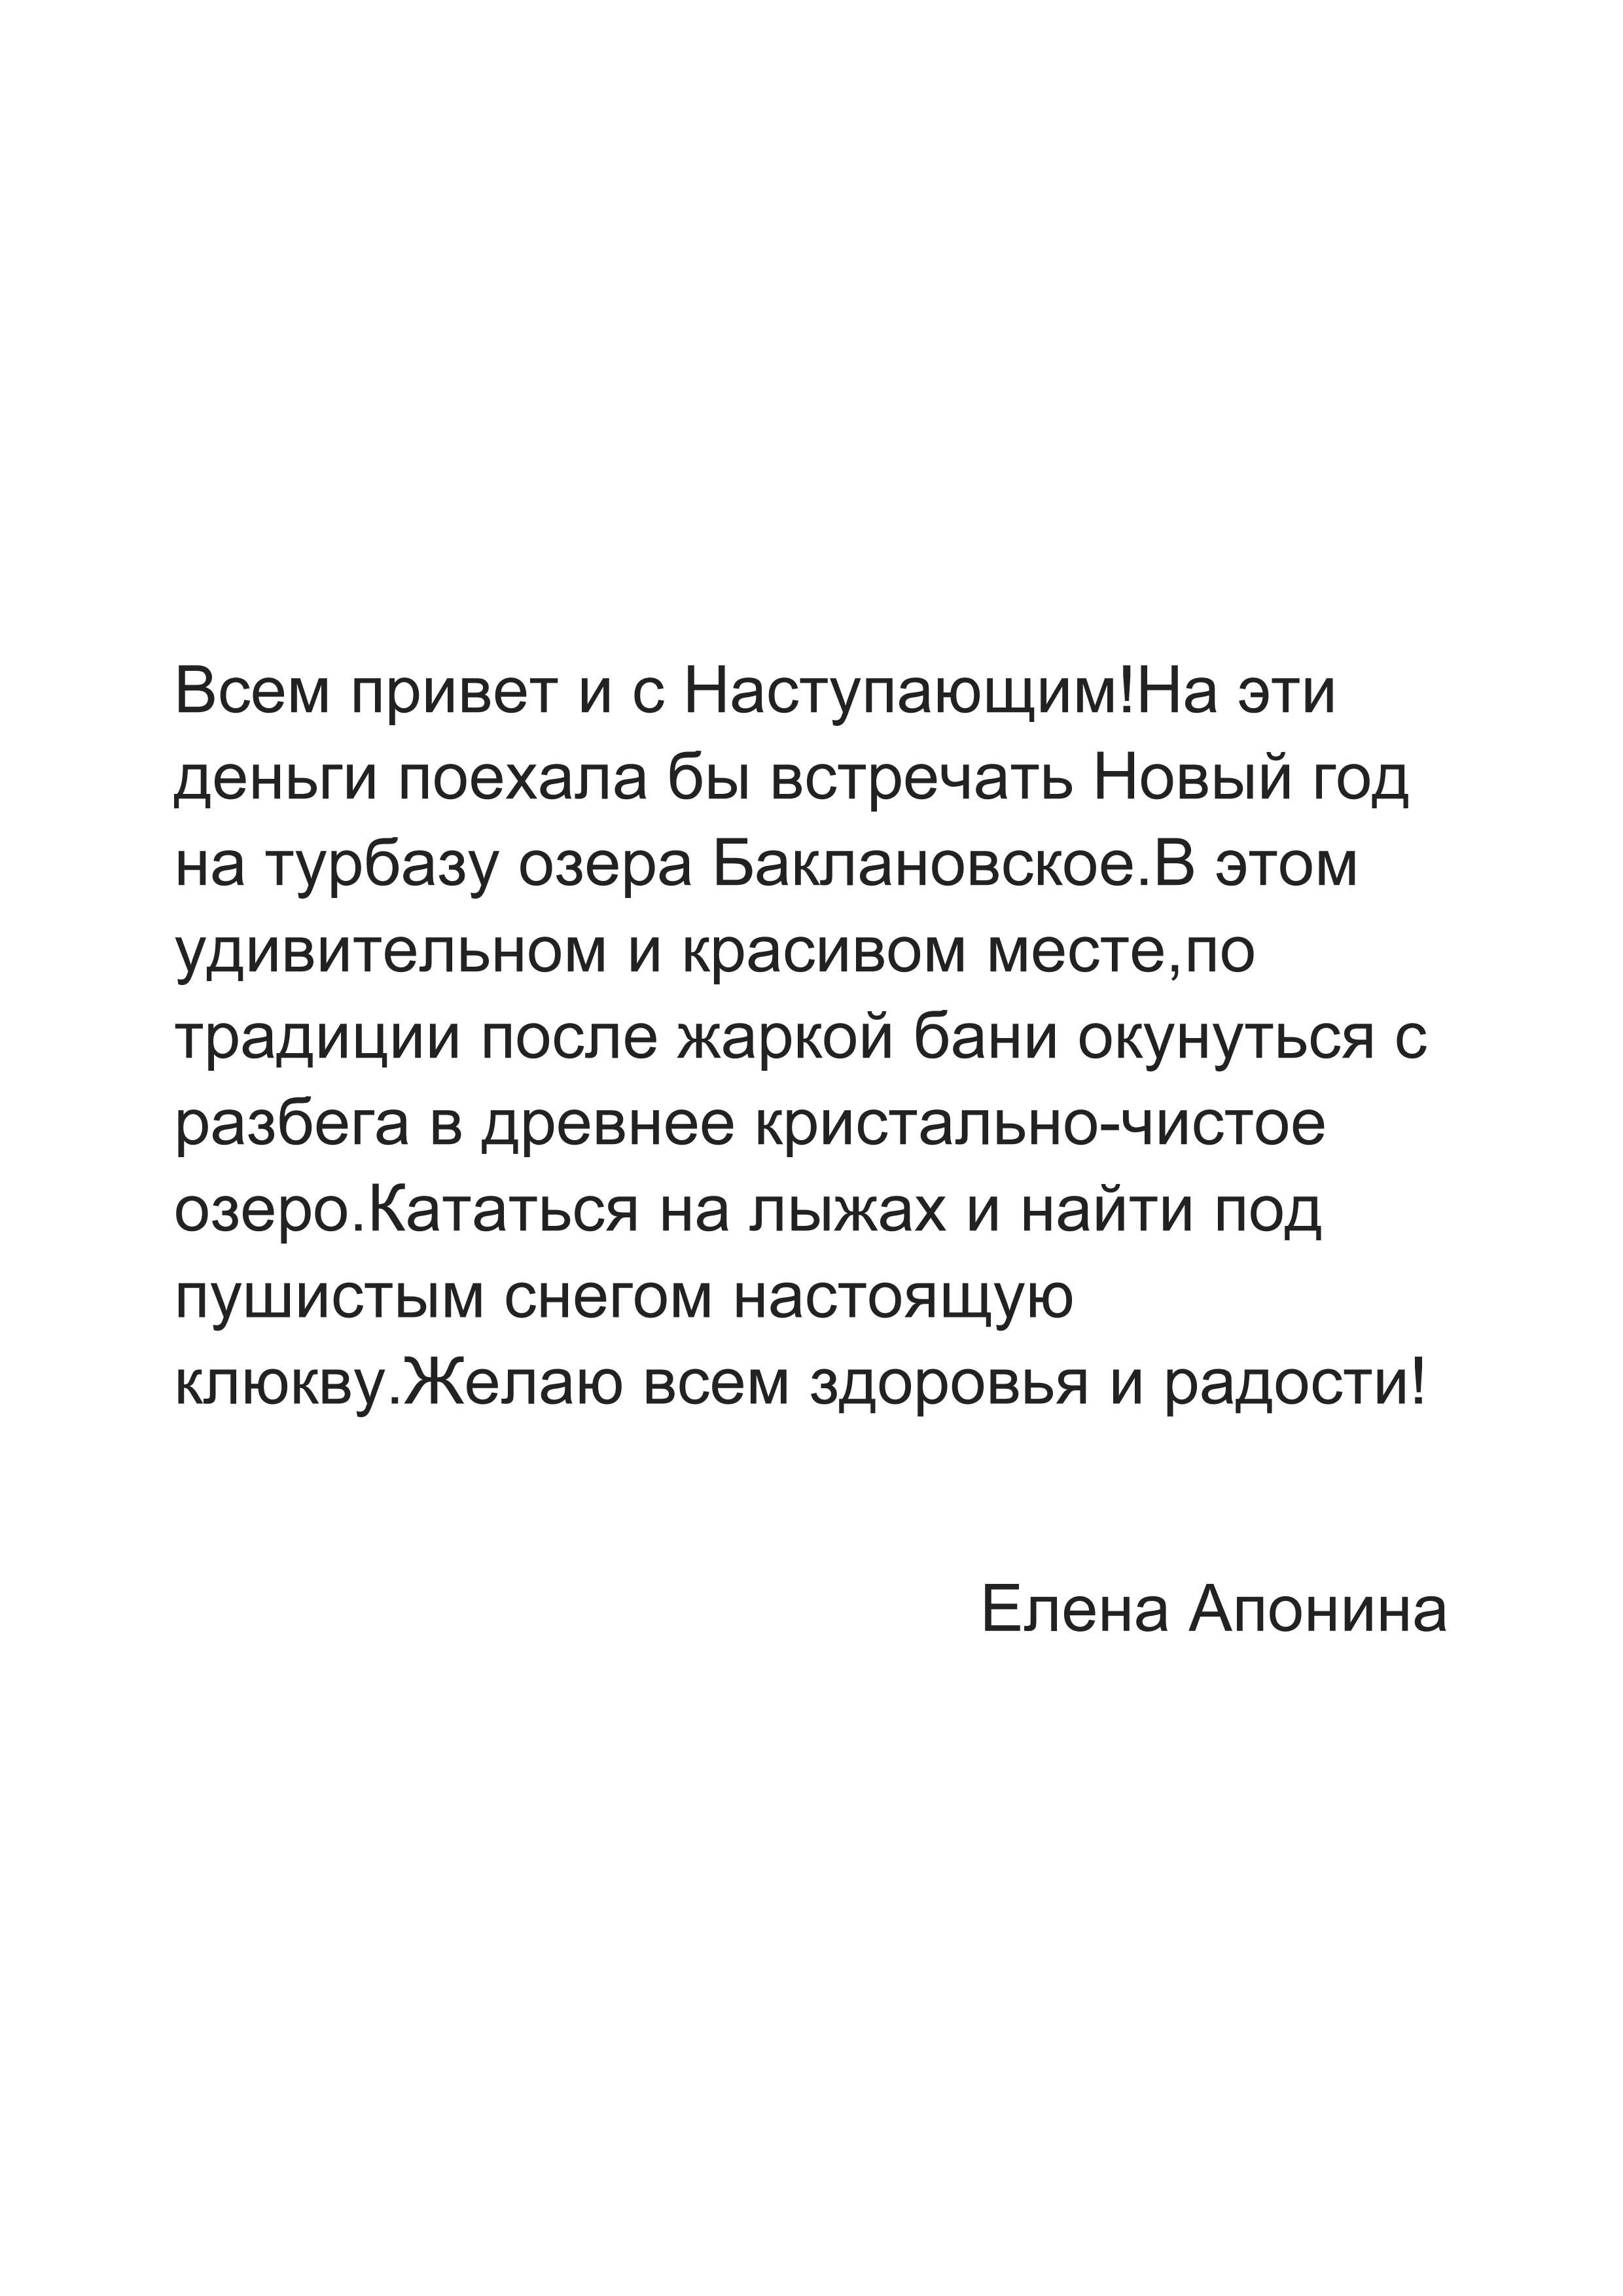 Елена Апонина